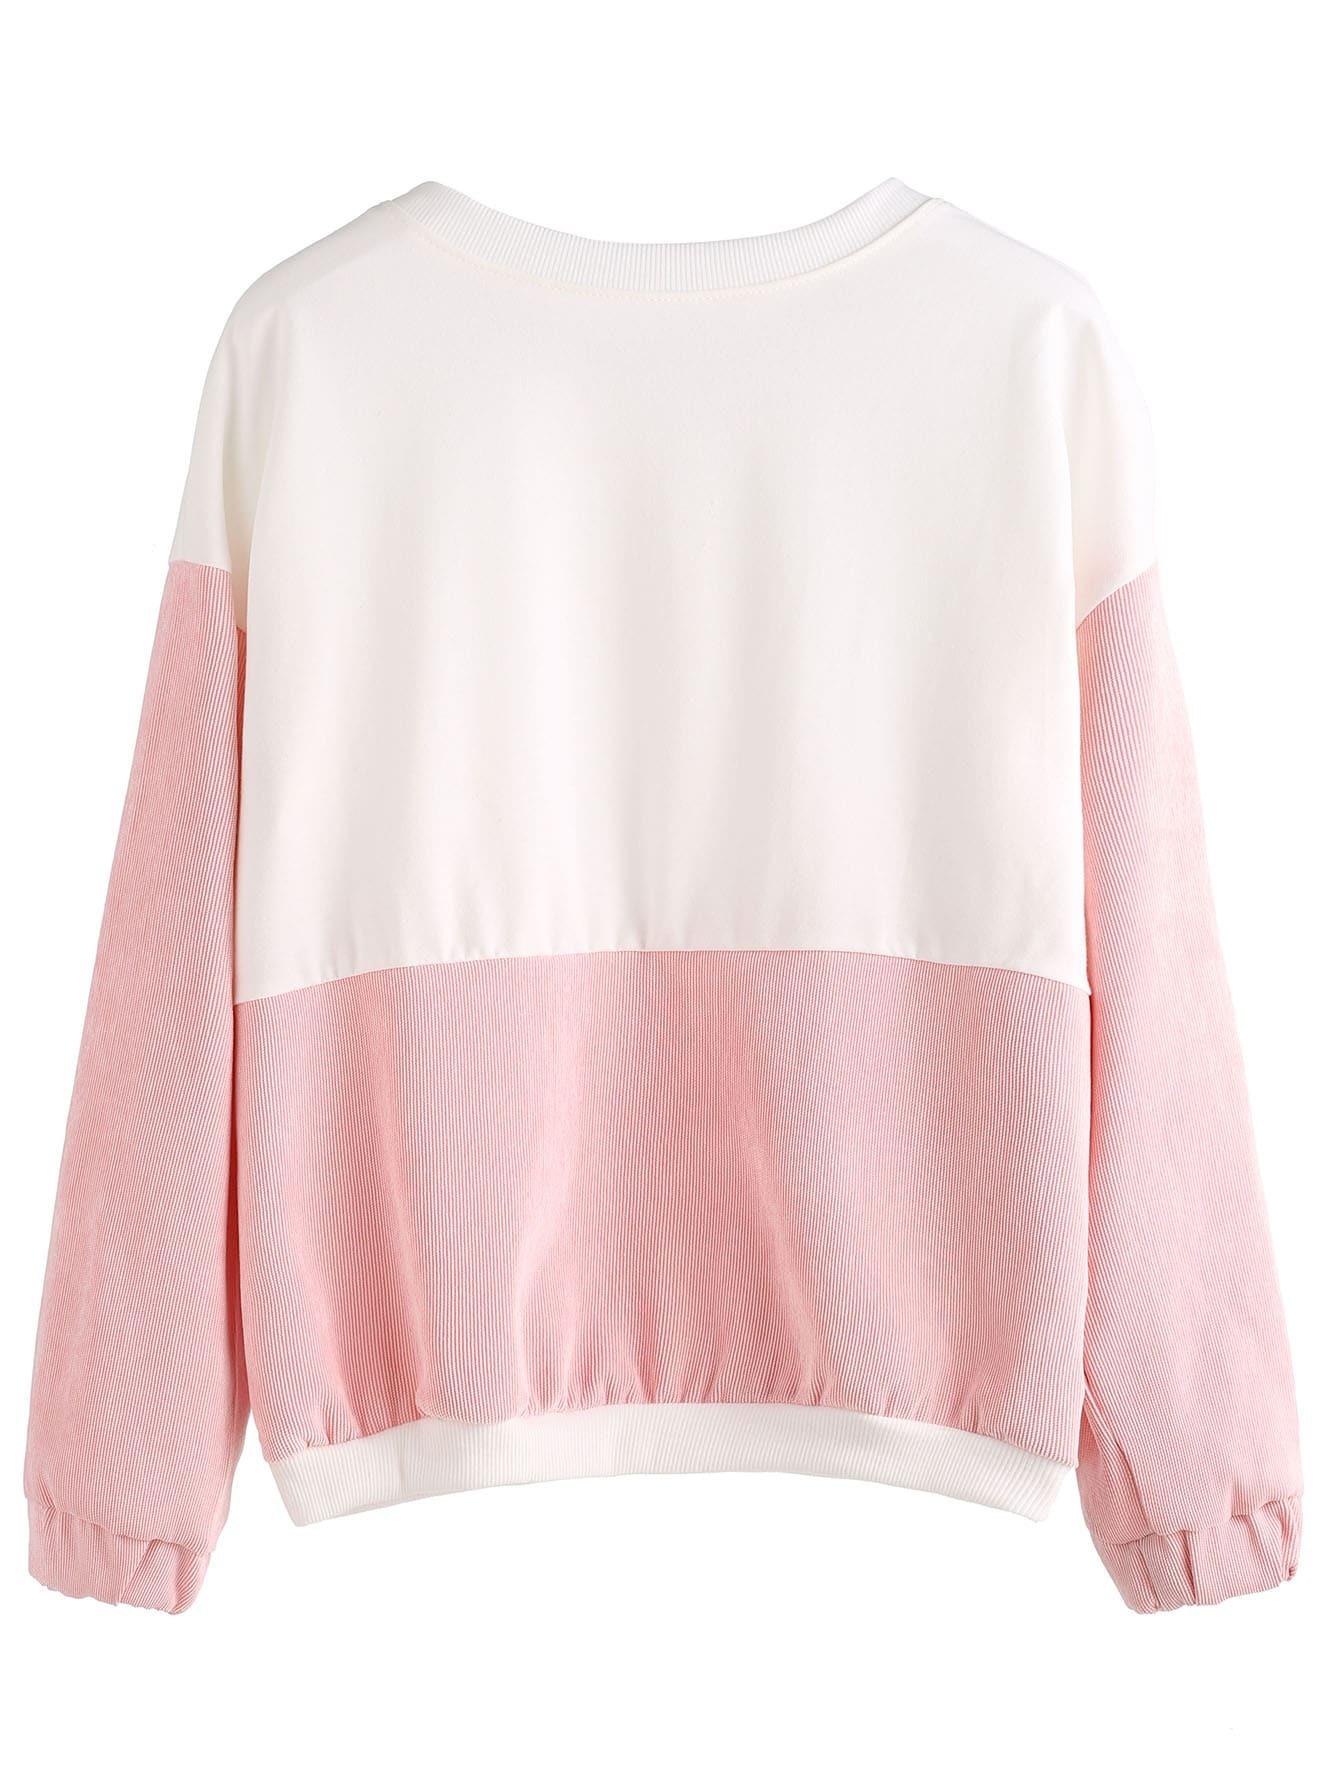 sweatshirt160905126_2